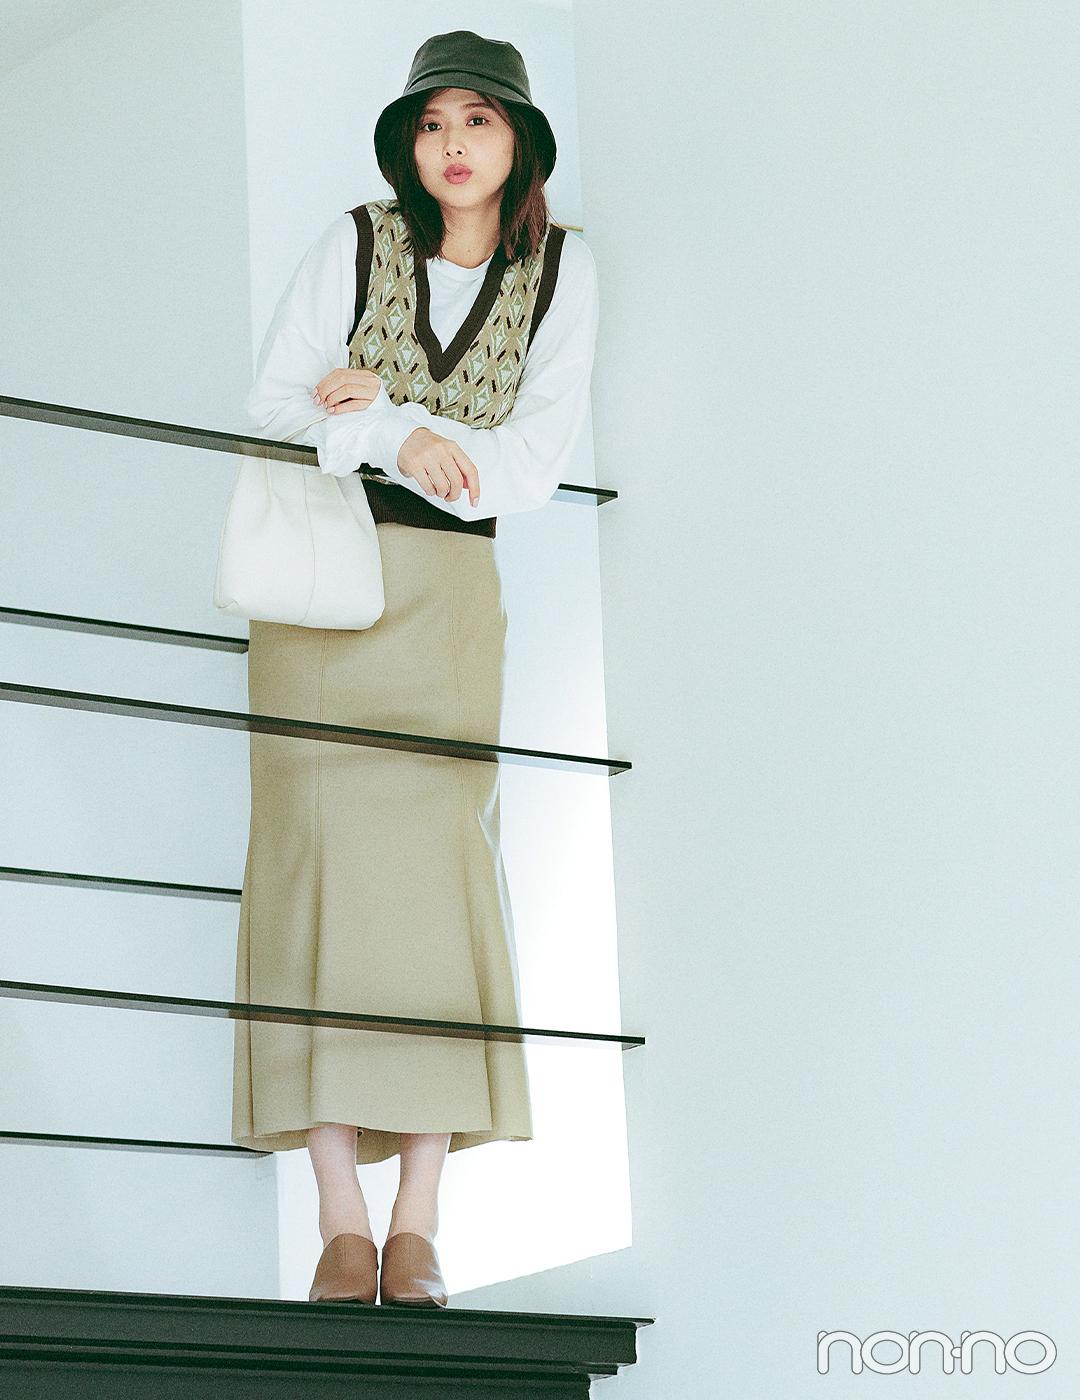 渡邉理佐はレザースカートで手っ取り早く秋モードをオン【大学生の毎日コーデ】